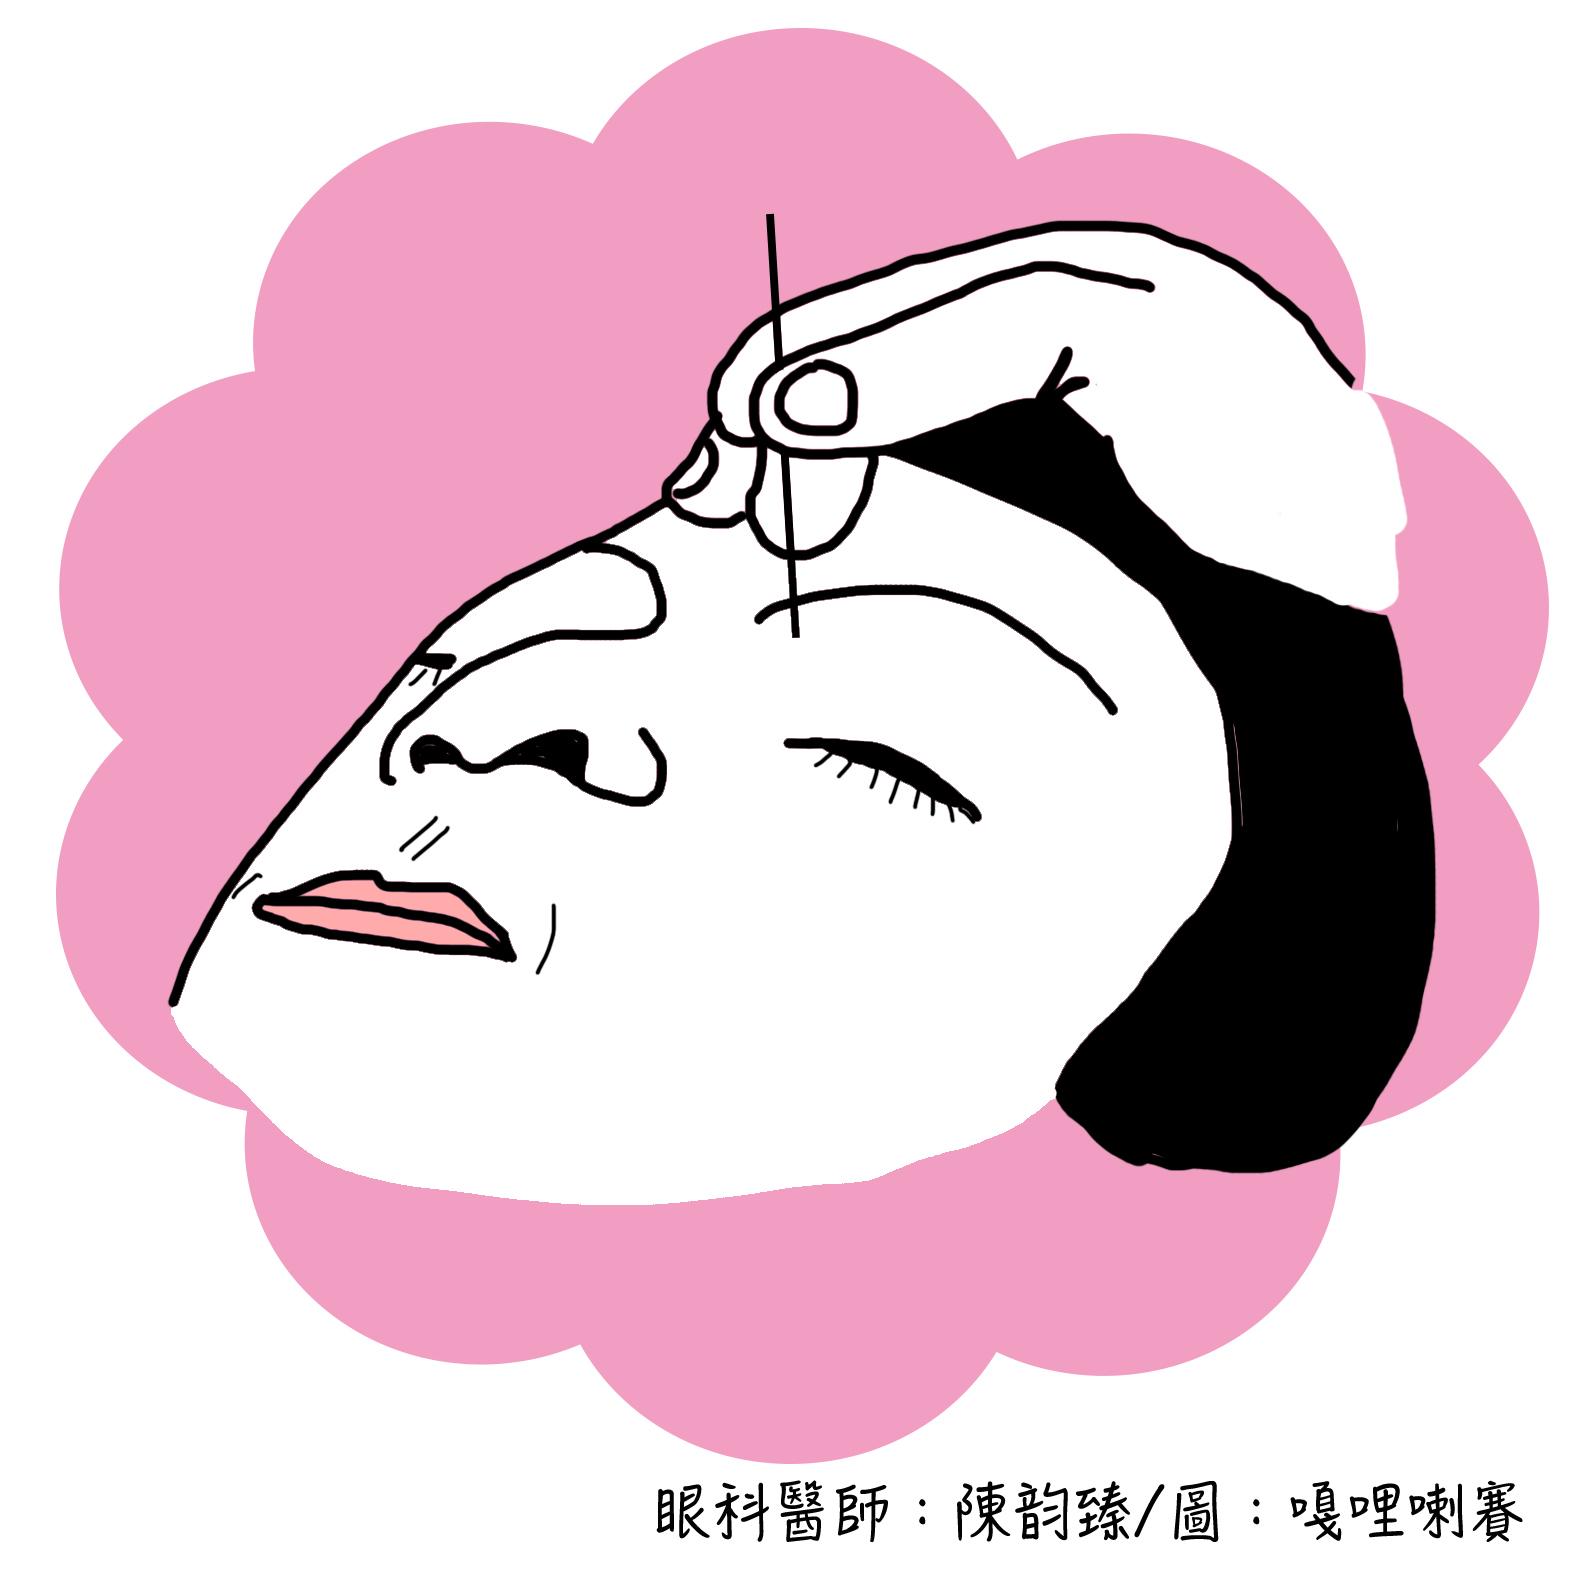 陳韻臻眼科醫師: 搶救乾眼大作戰-缺水篇